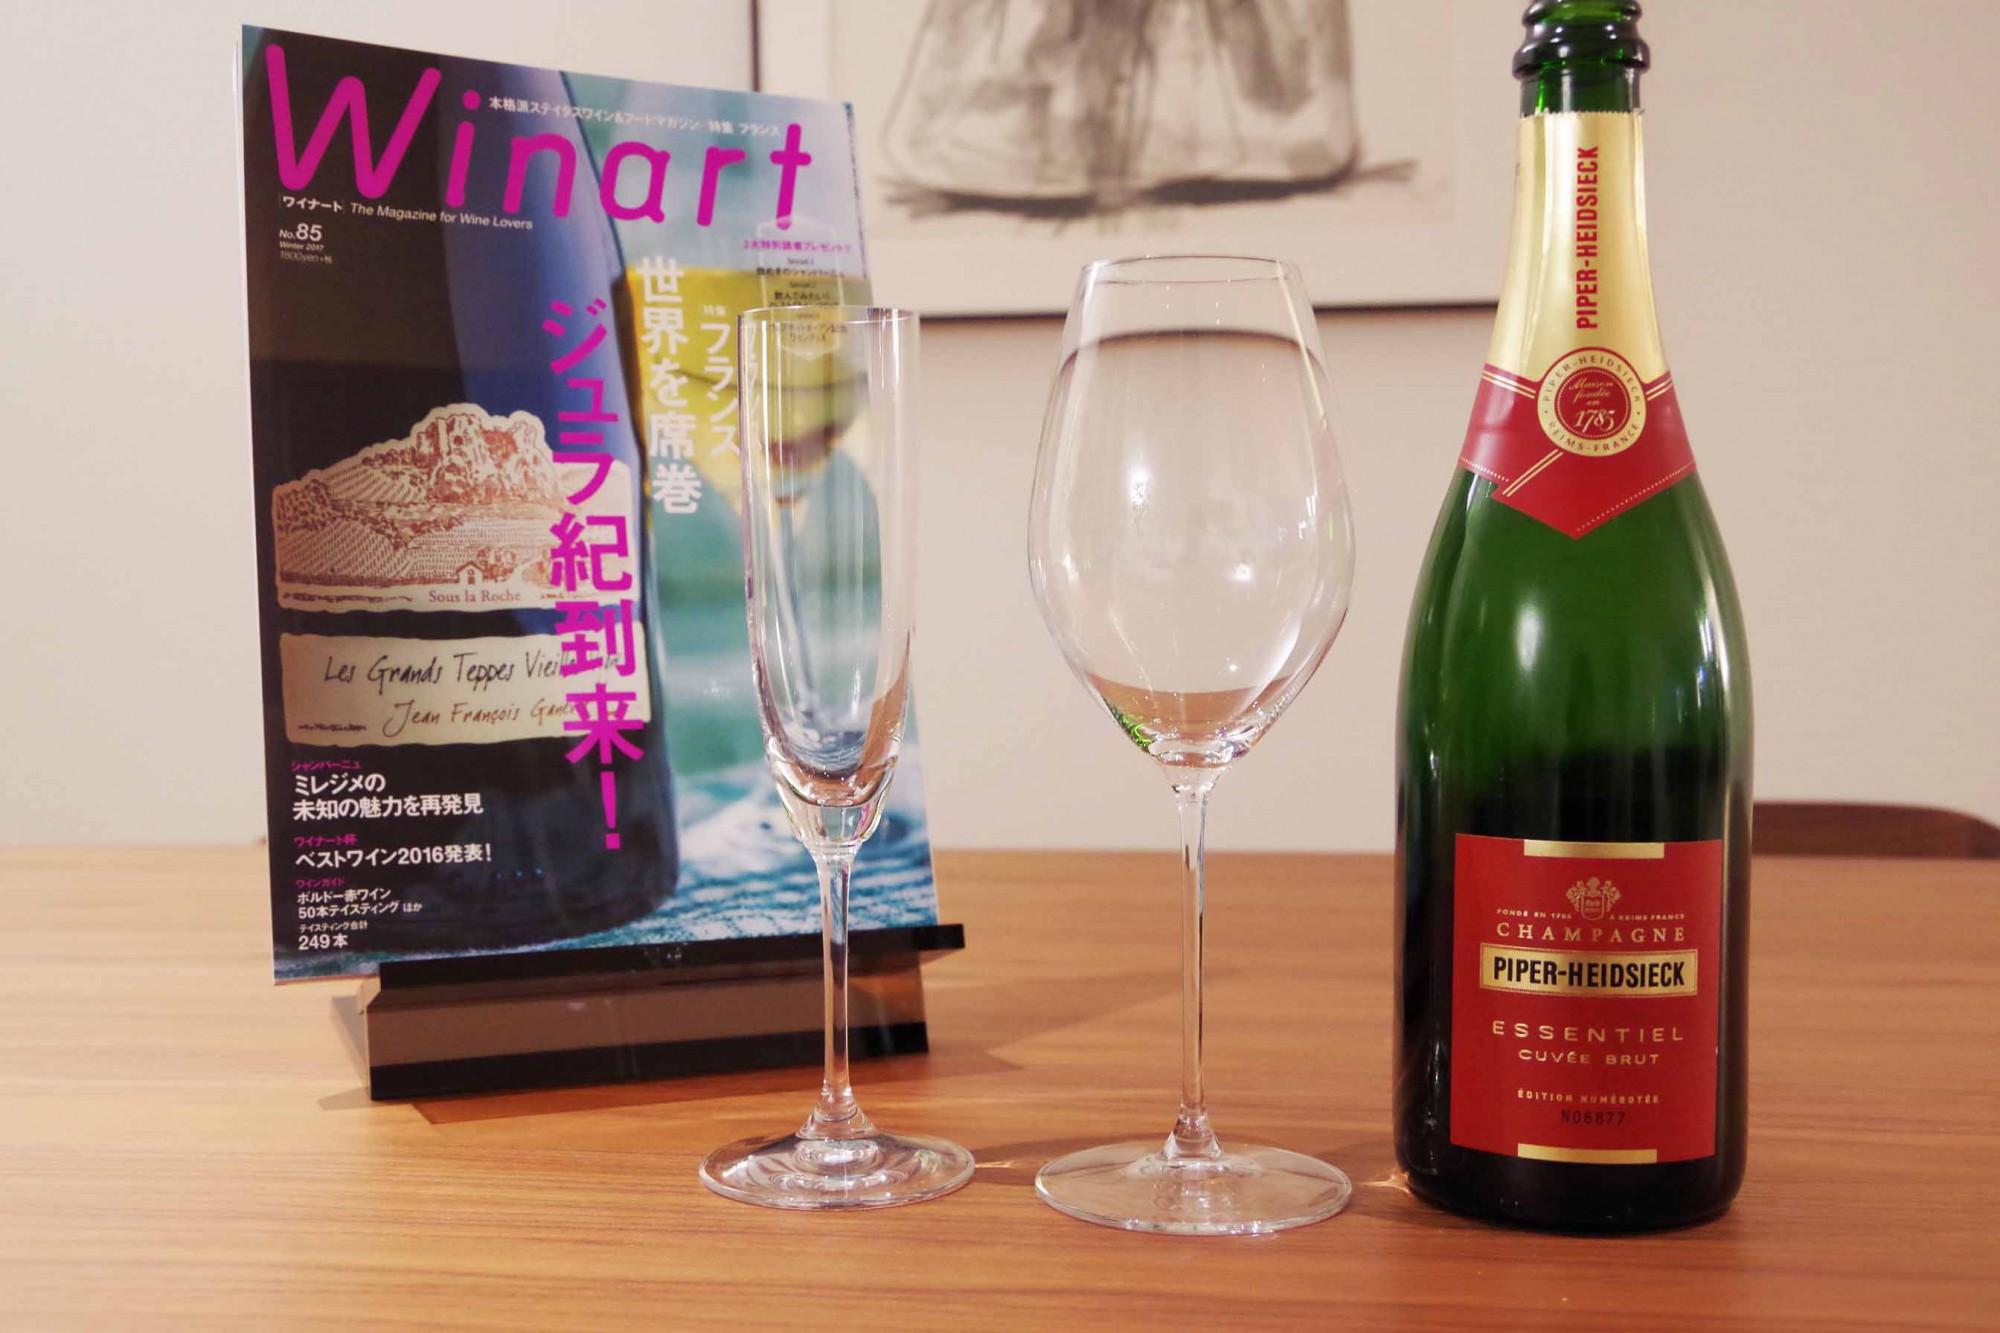 【イベント第1弾レポート】〈arflex × Winart with Riedel〉グラステイスティングで新たなシャンパーニュの楽しみ方を発見!